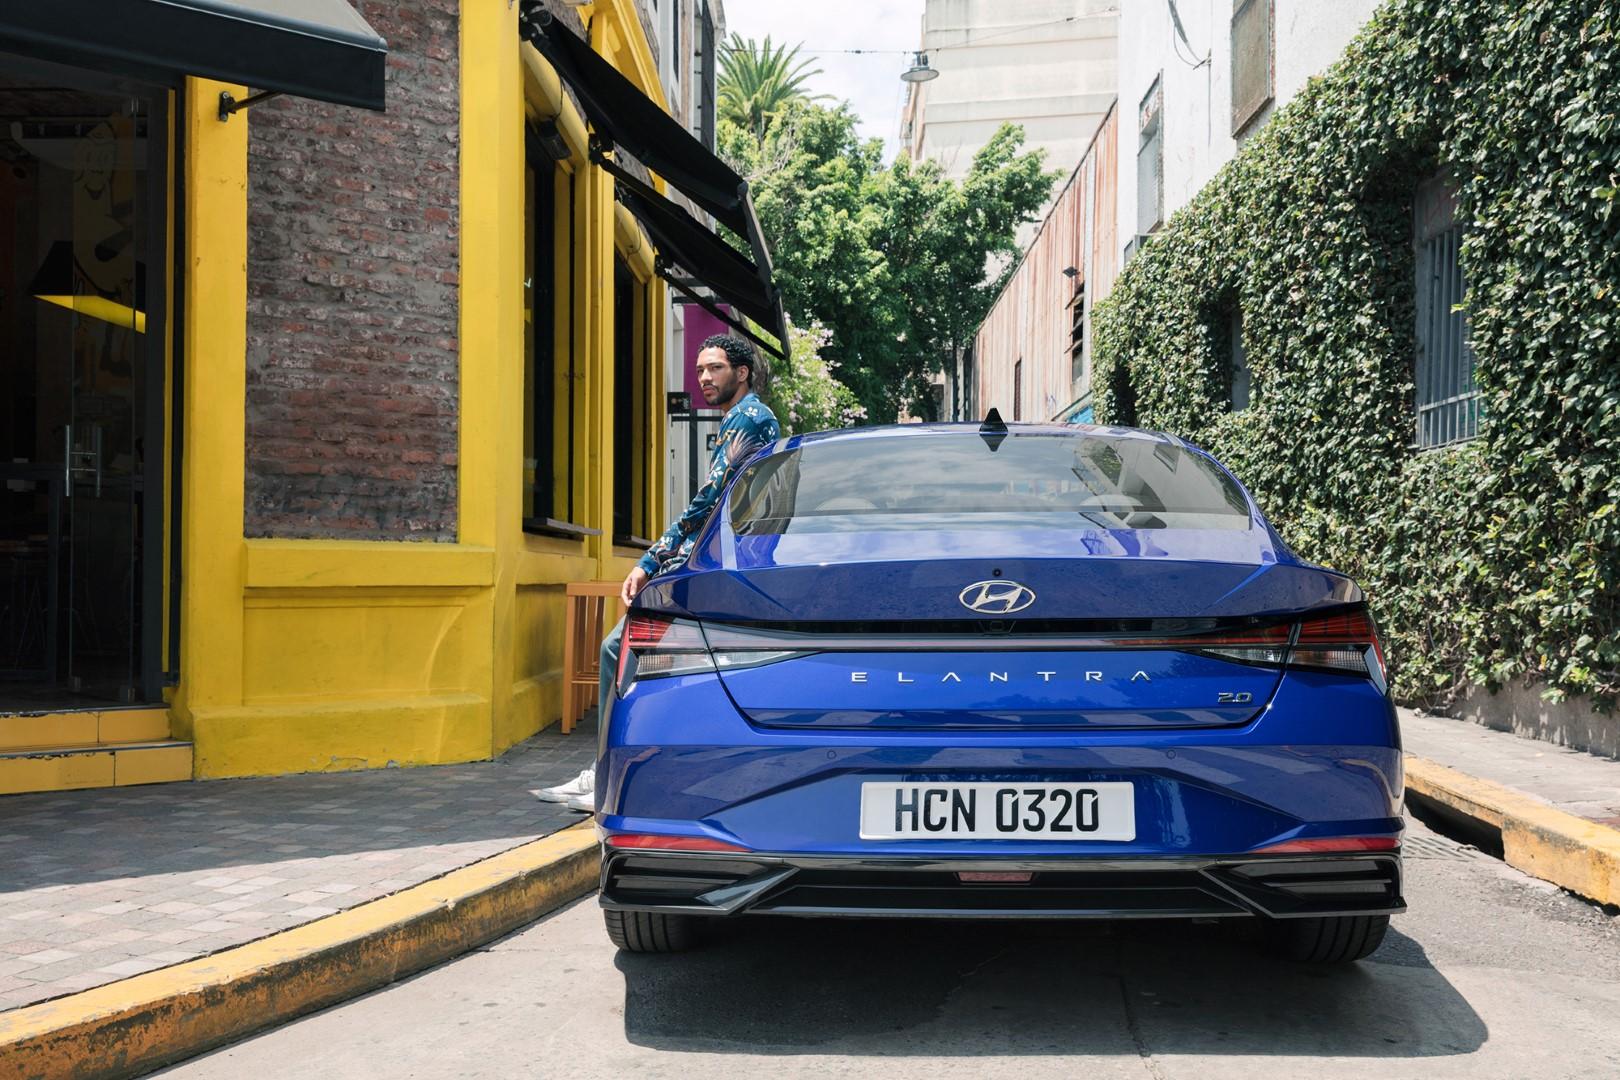 Hyundai Elantra Executive